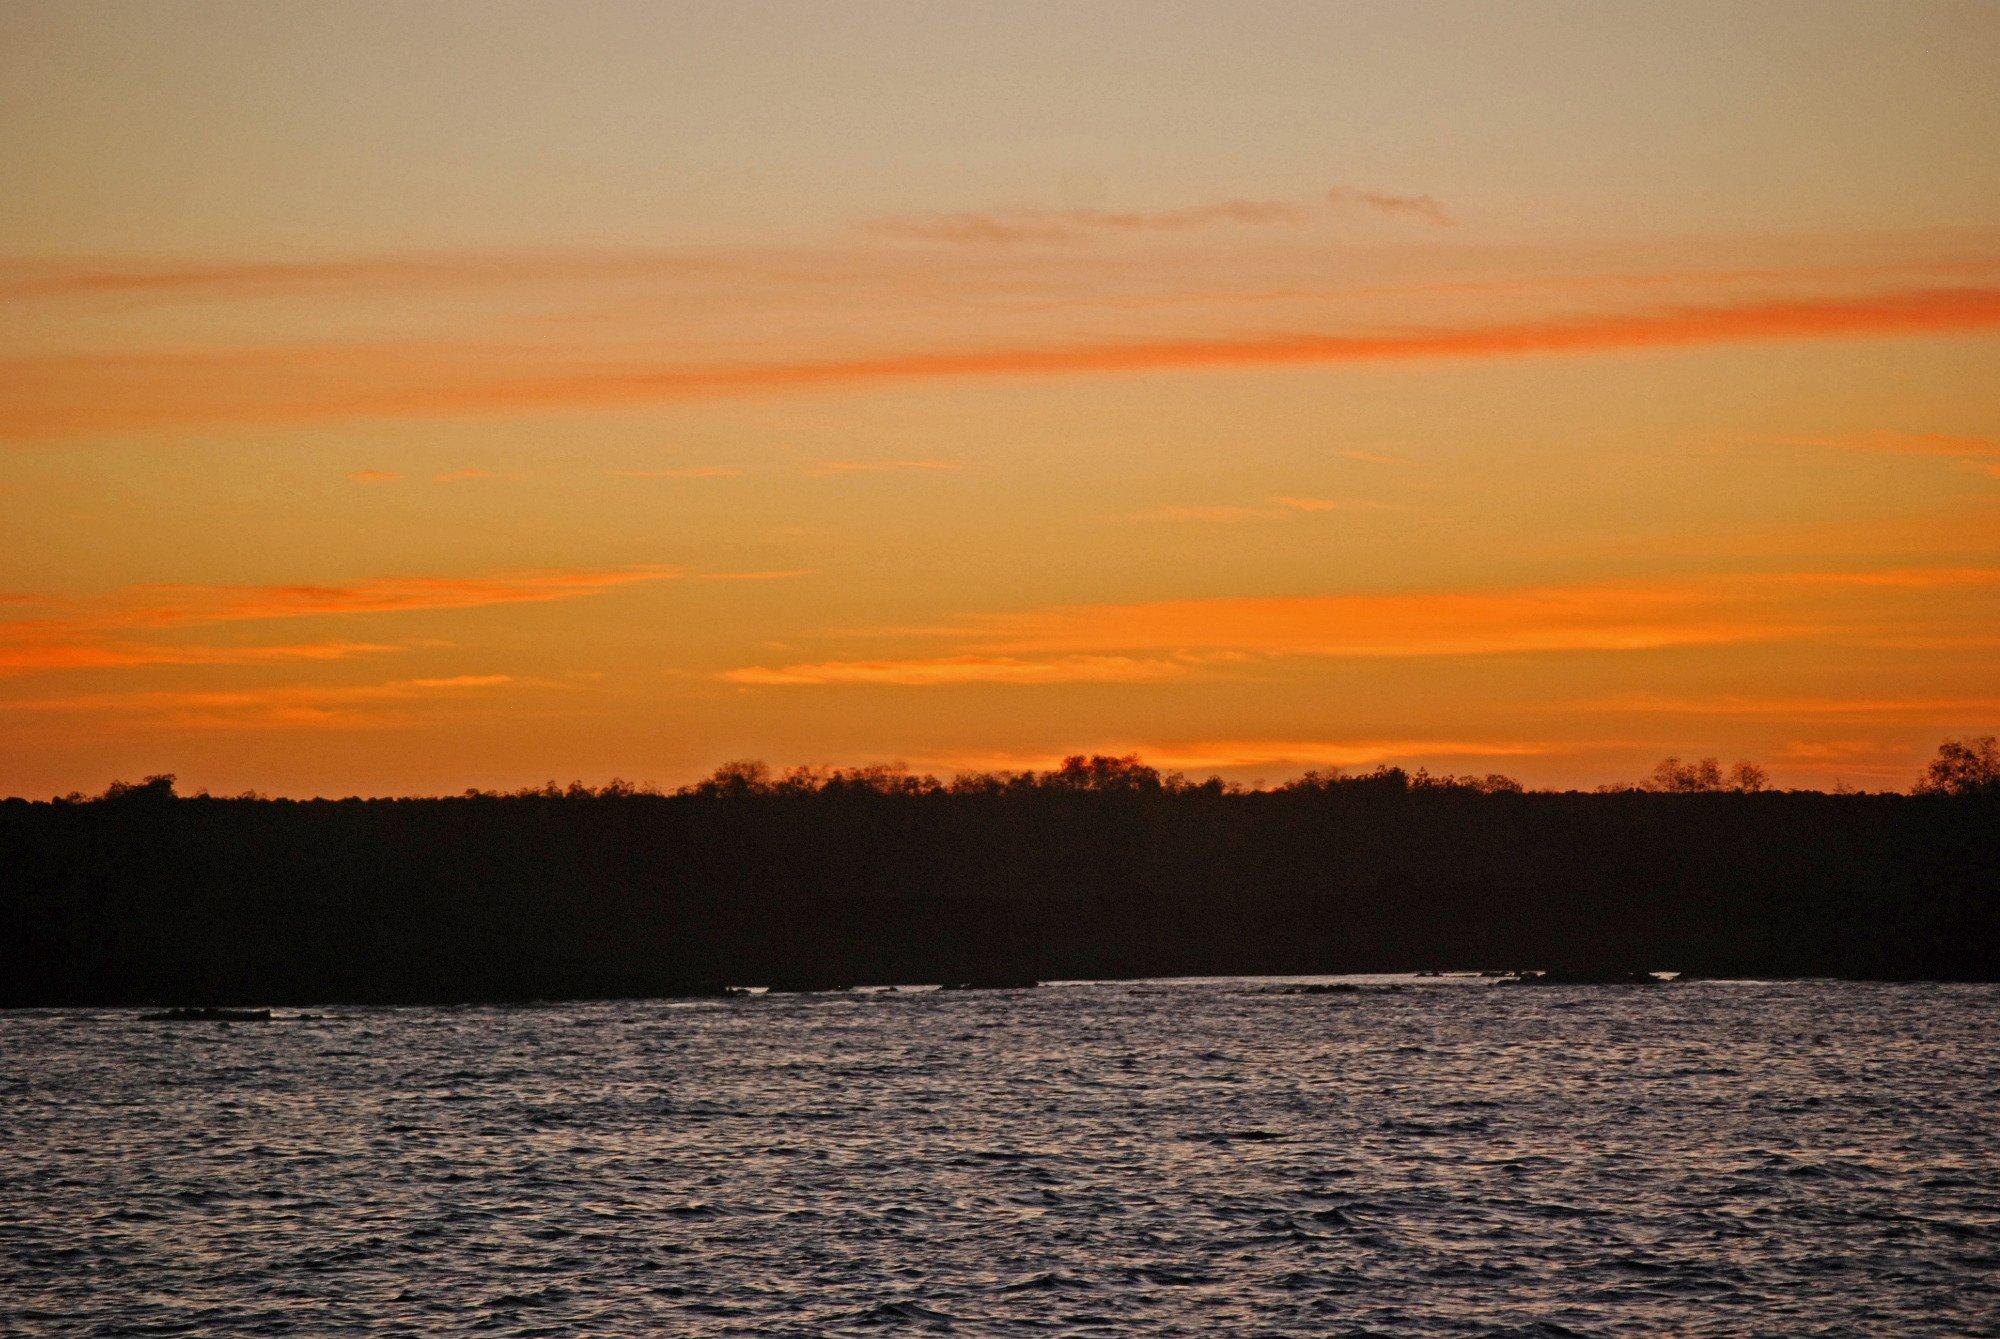 Punta Espinoza  /  Fernandina Island  -  a sunset